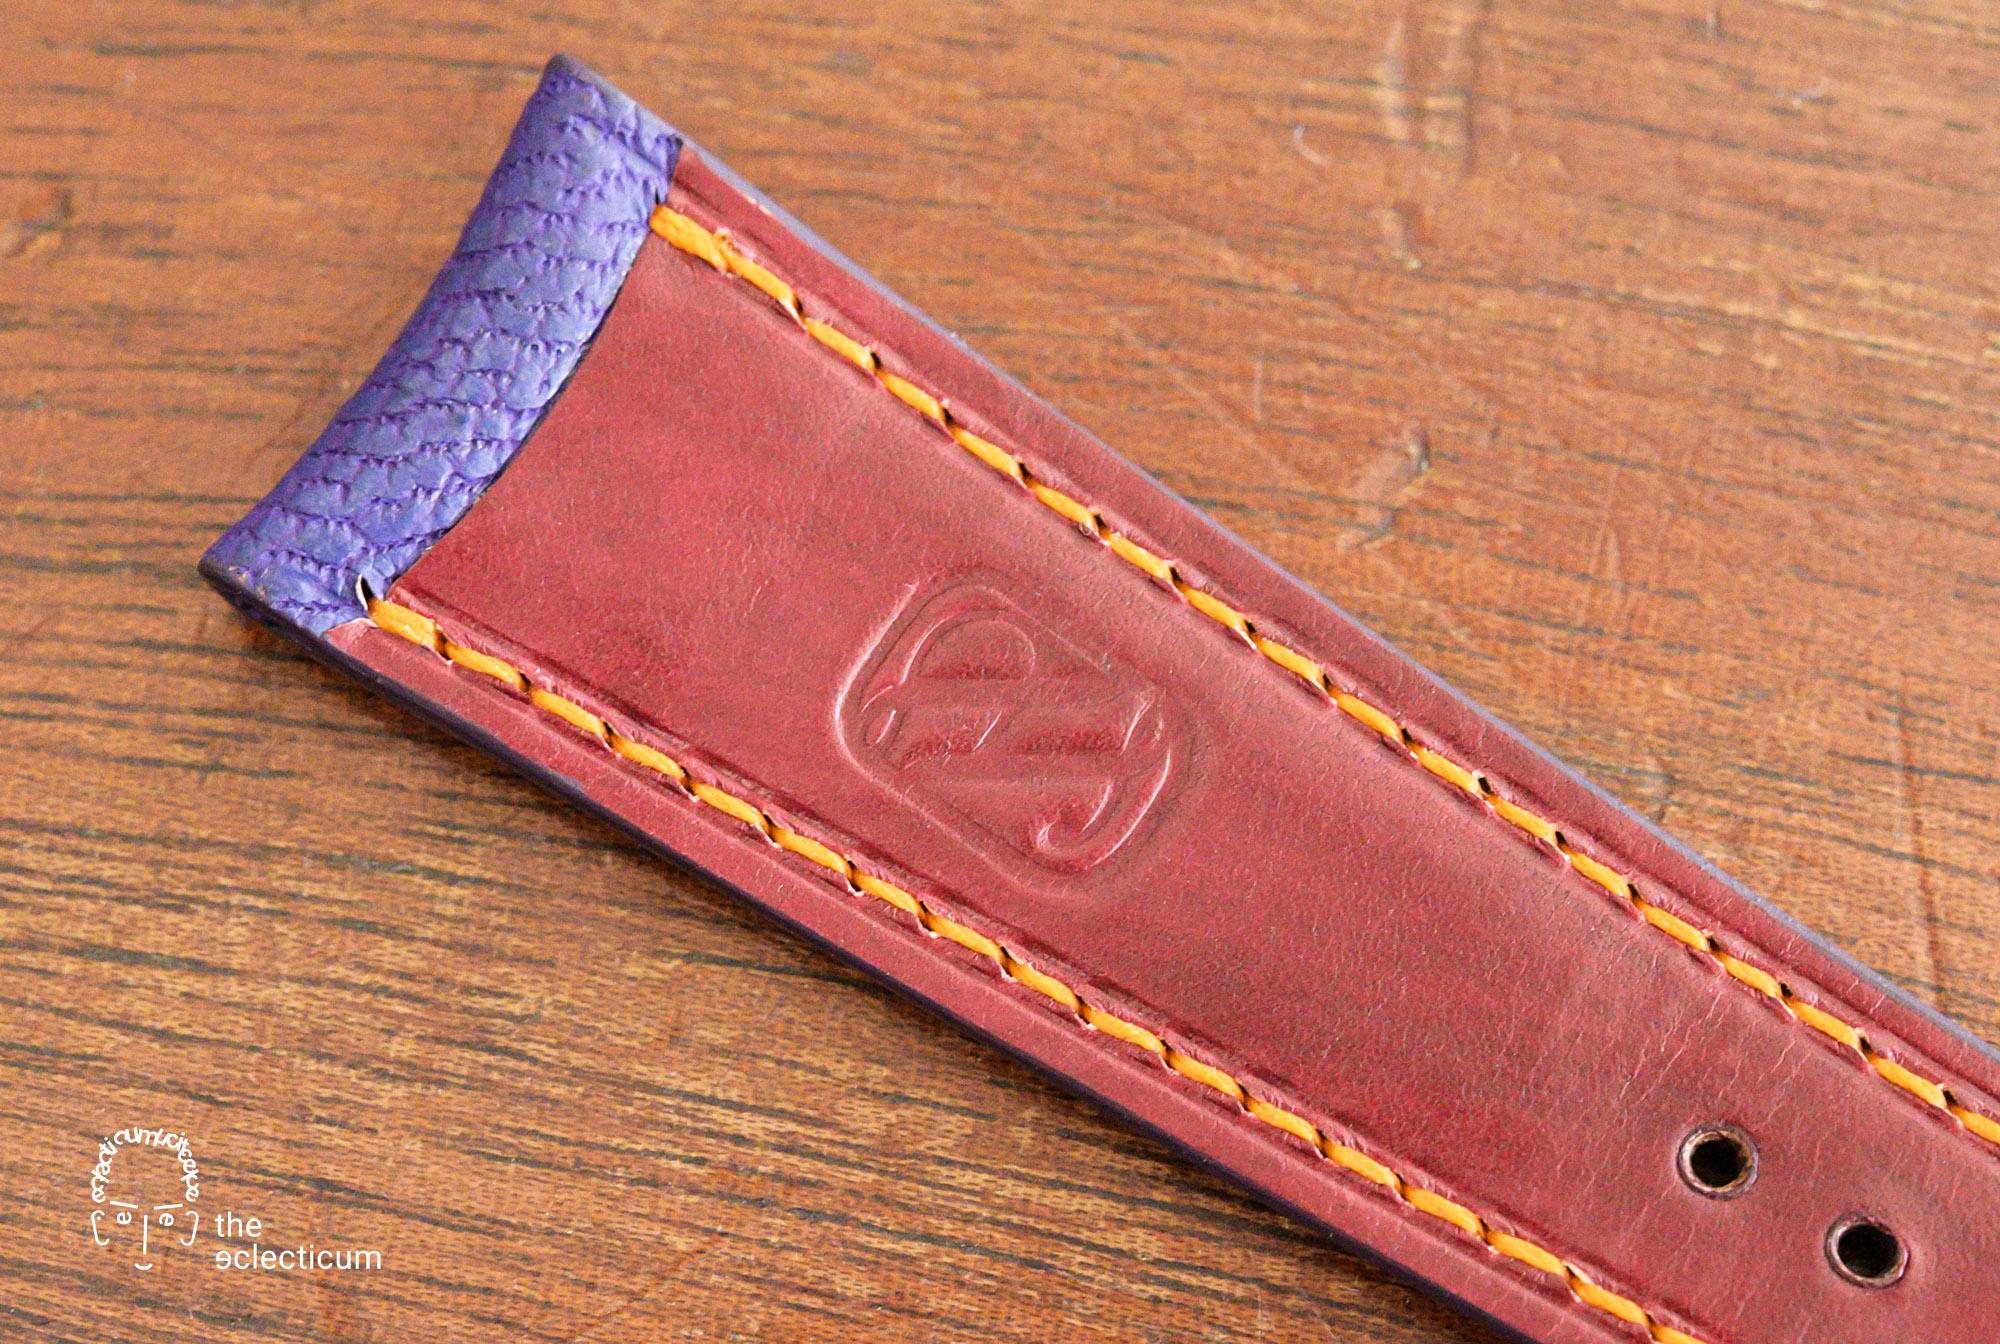 Heima bepsoke strap japanese goat leather